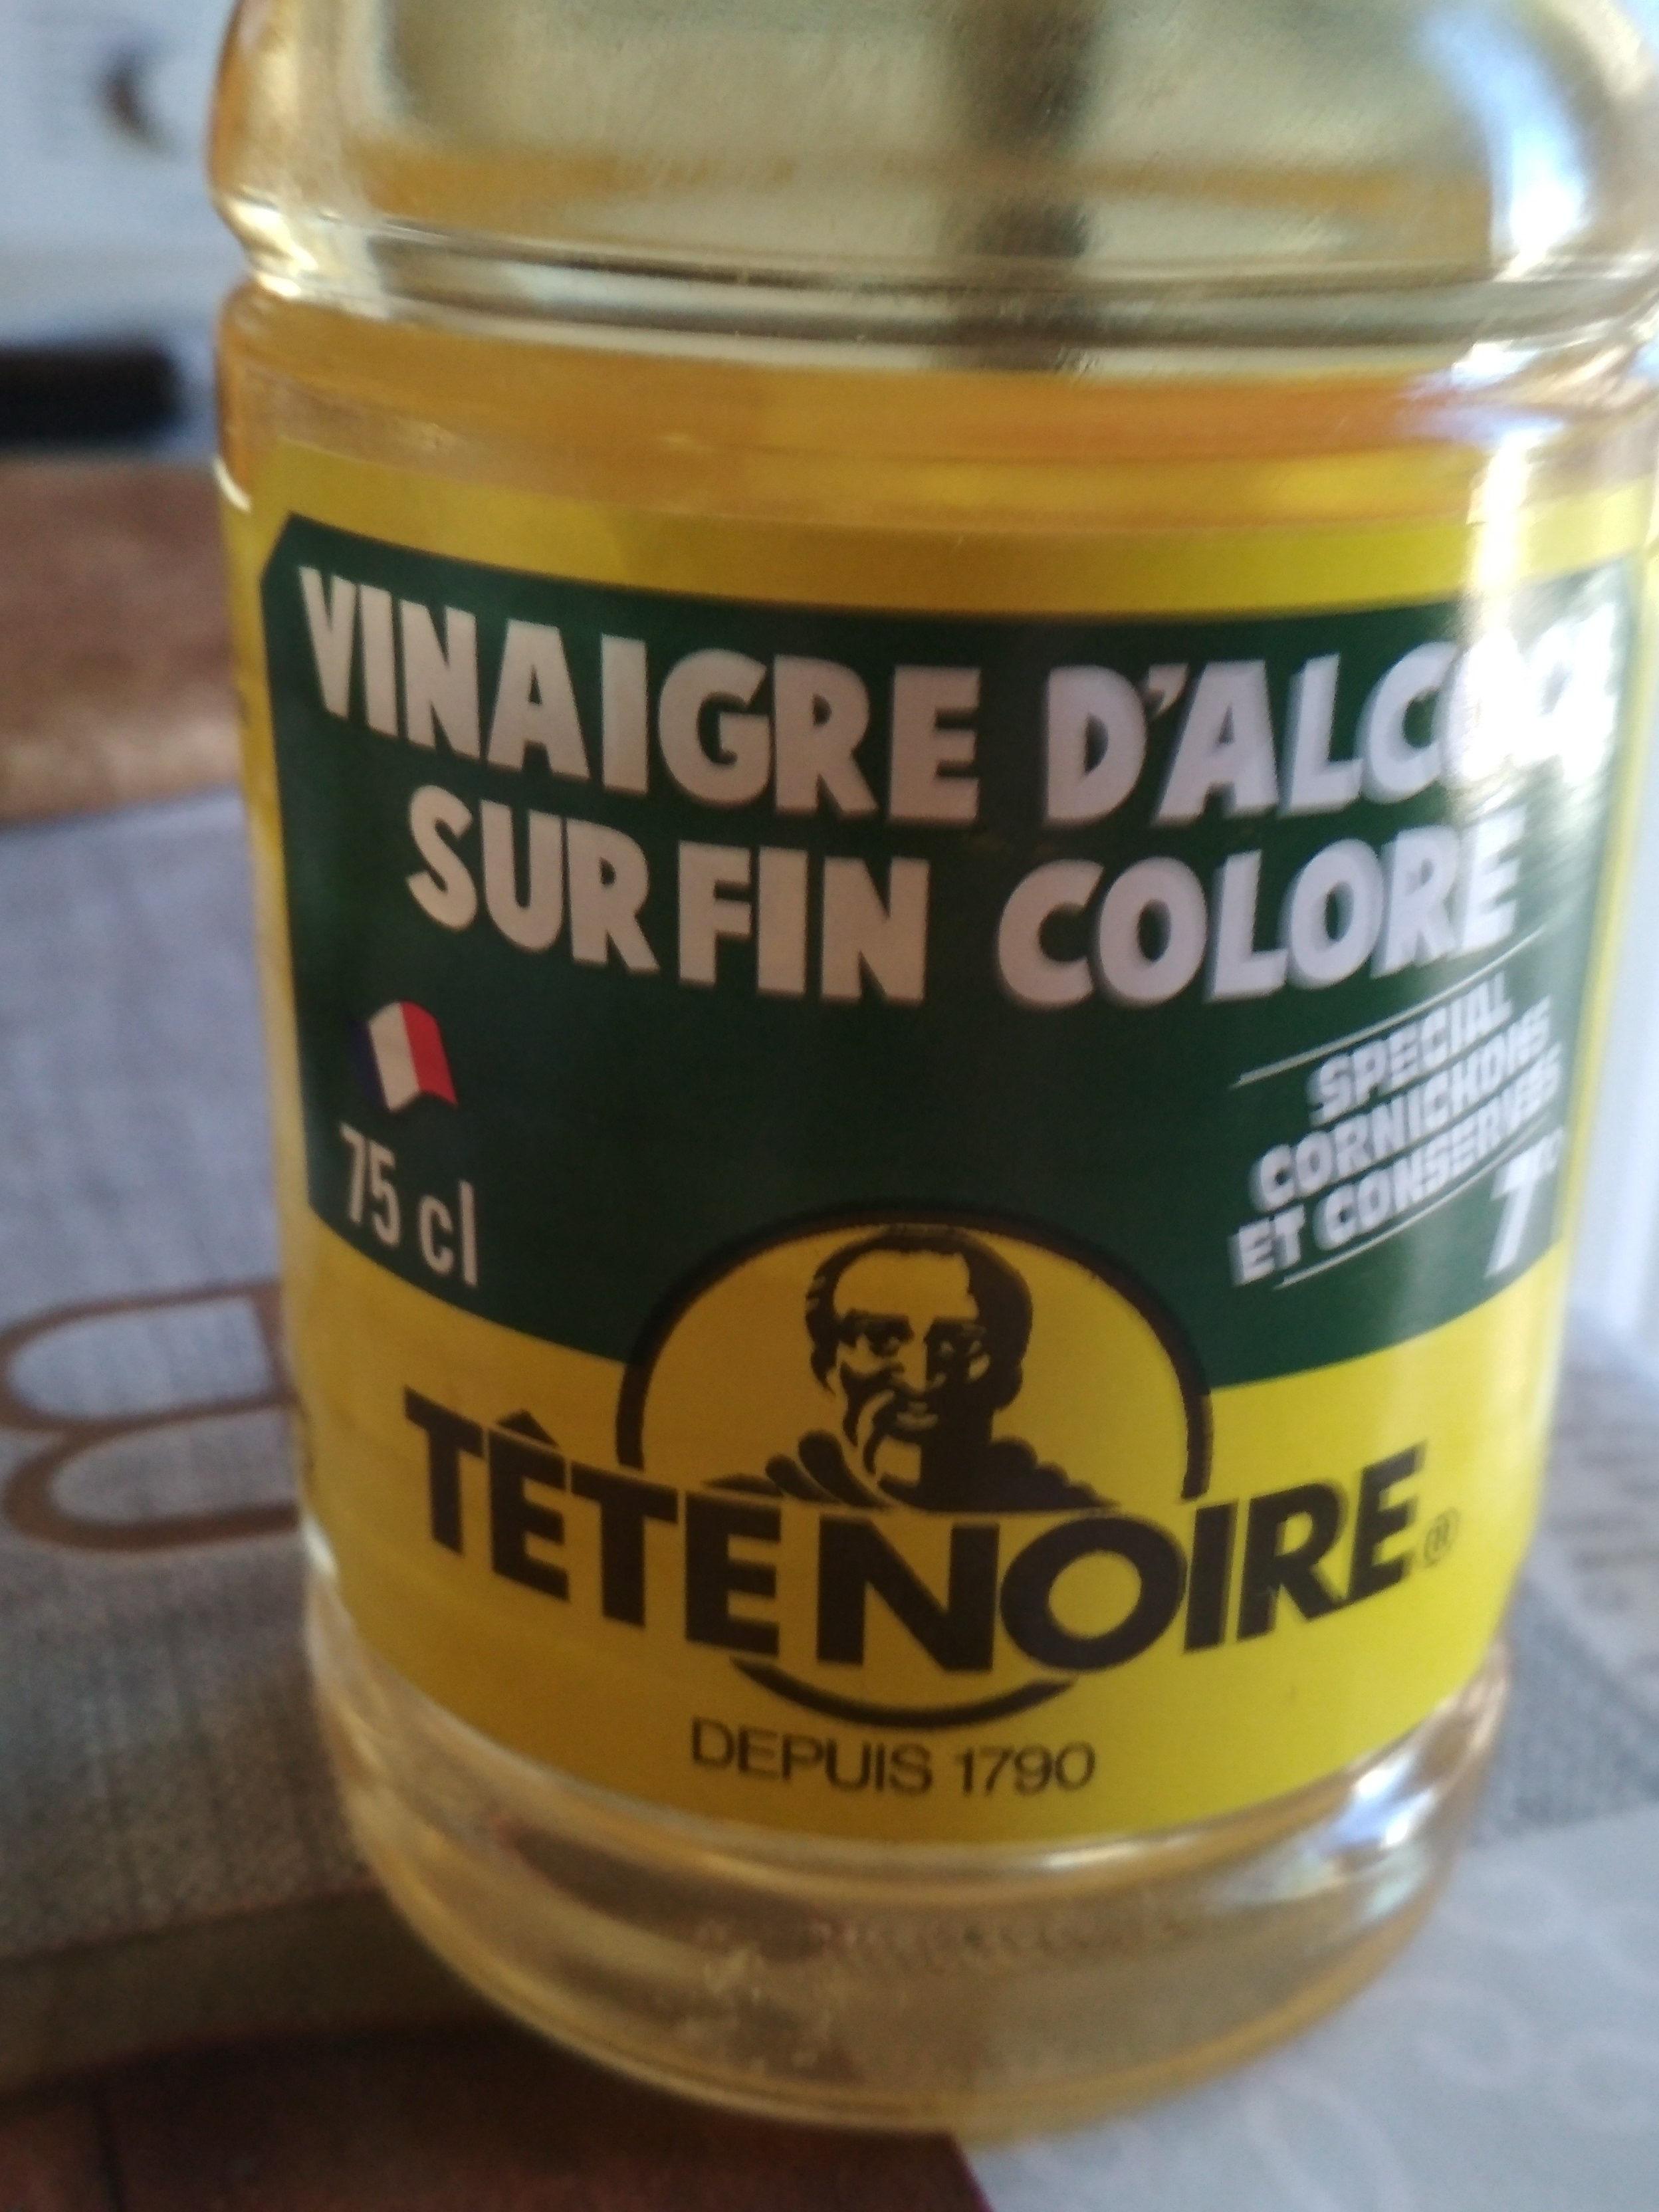 Tete Noire, Vinaigre d'alcool surfin colore 7°, la bouteille de - Produit - fr